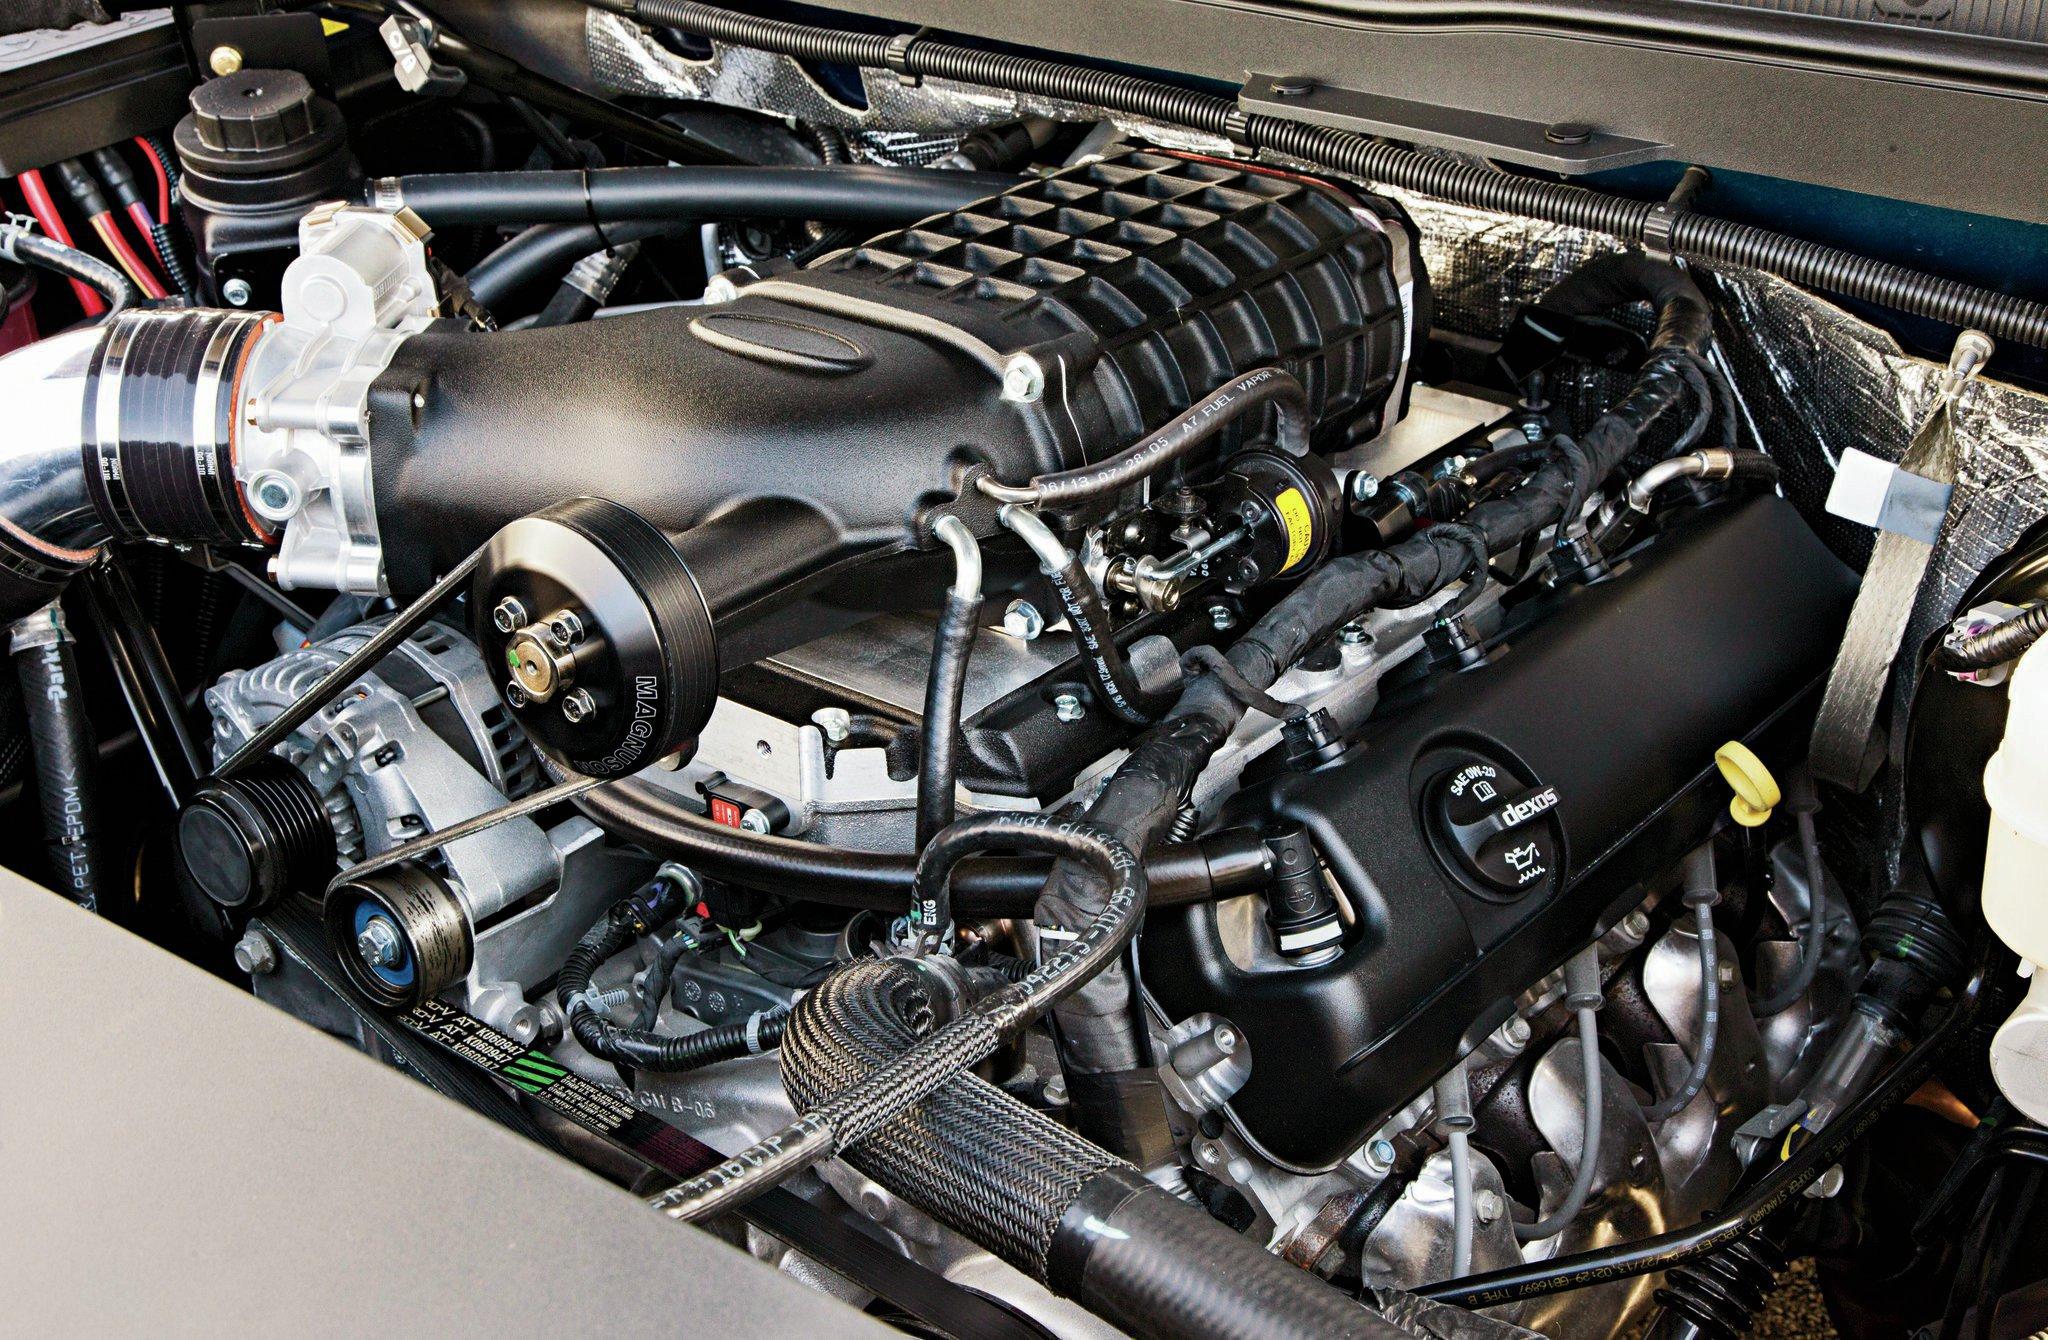 2014 Chevrolet Silverado 1500 - Race And Rescue Photo & Image Gallery   2014 Silverado Engine Diagram      Truck Trend